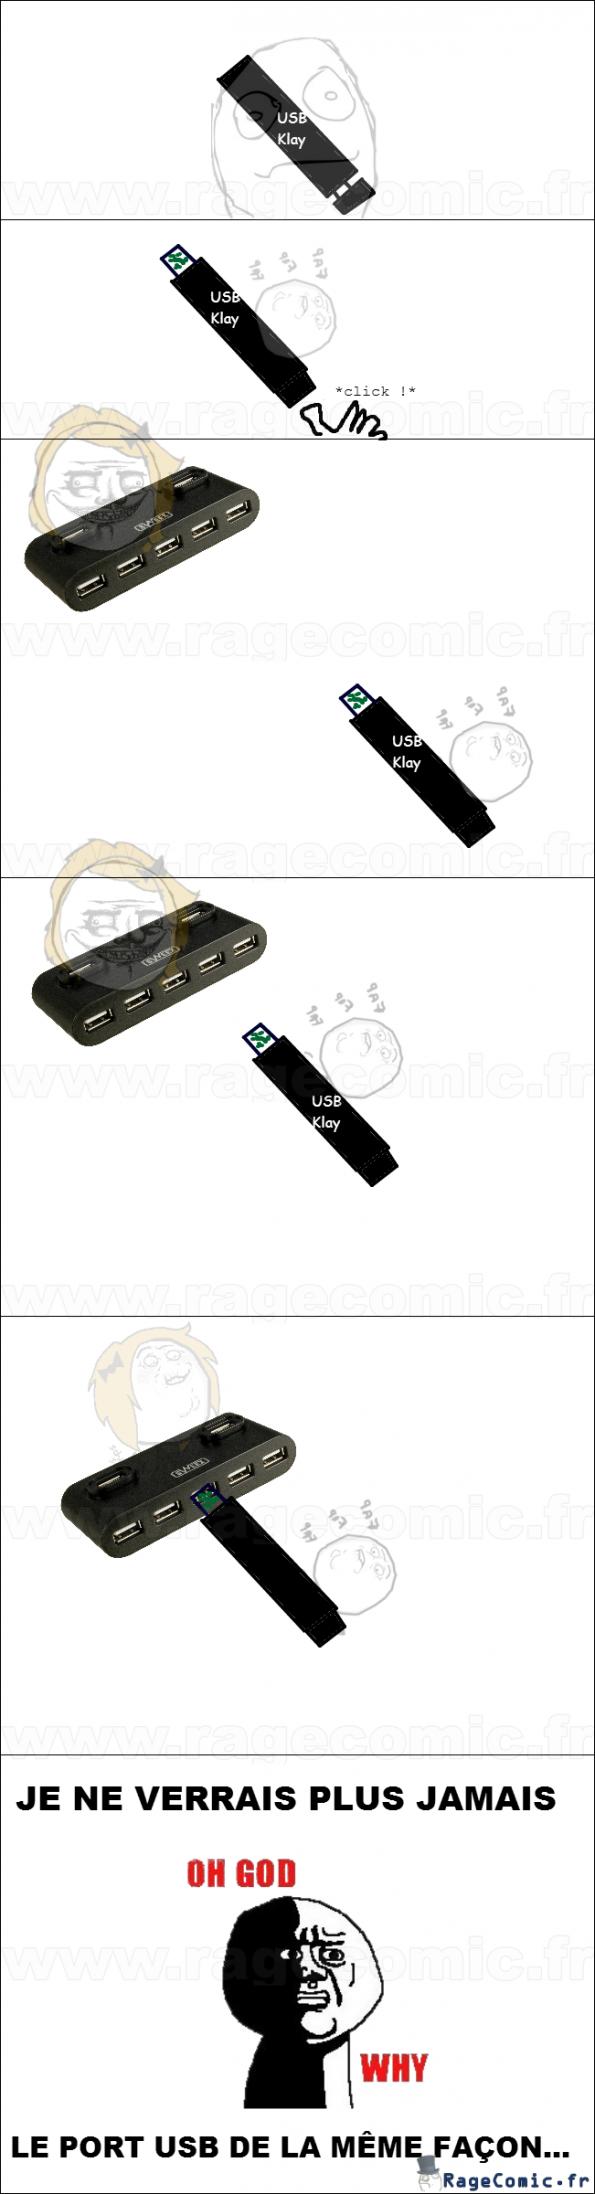 Le port USB